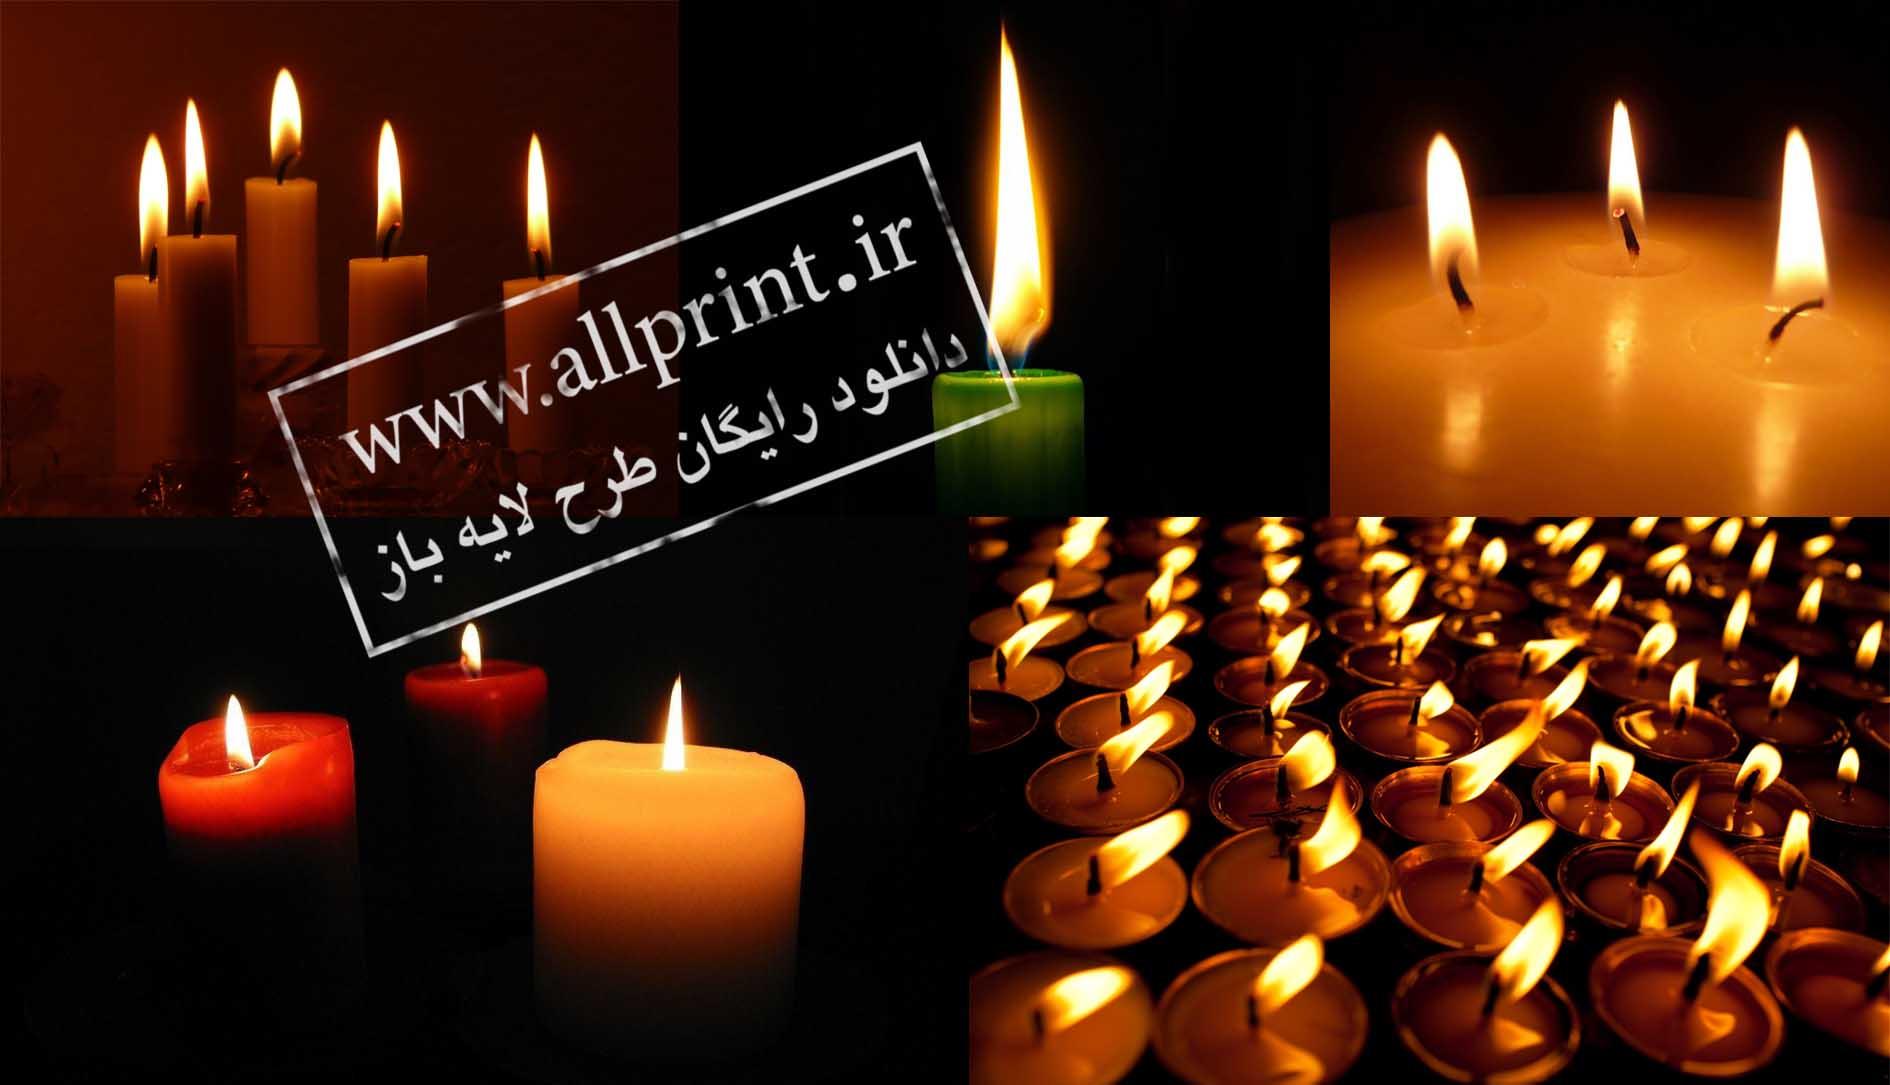 دانلود شمع با کیفیت مناسب طراحی